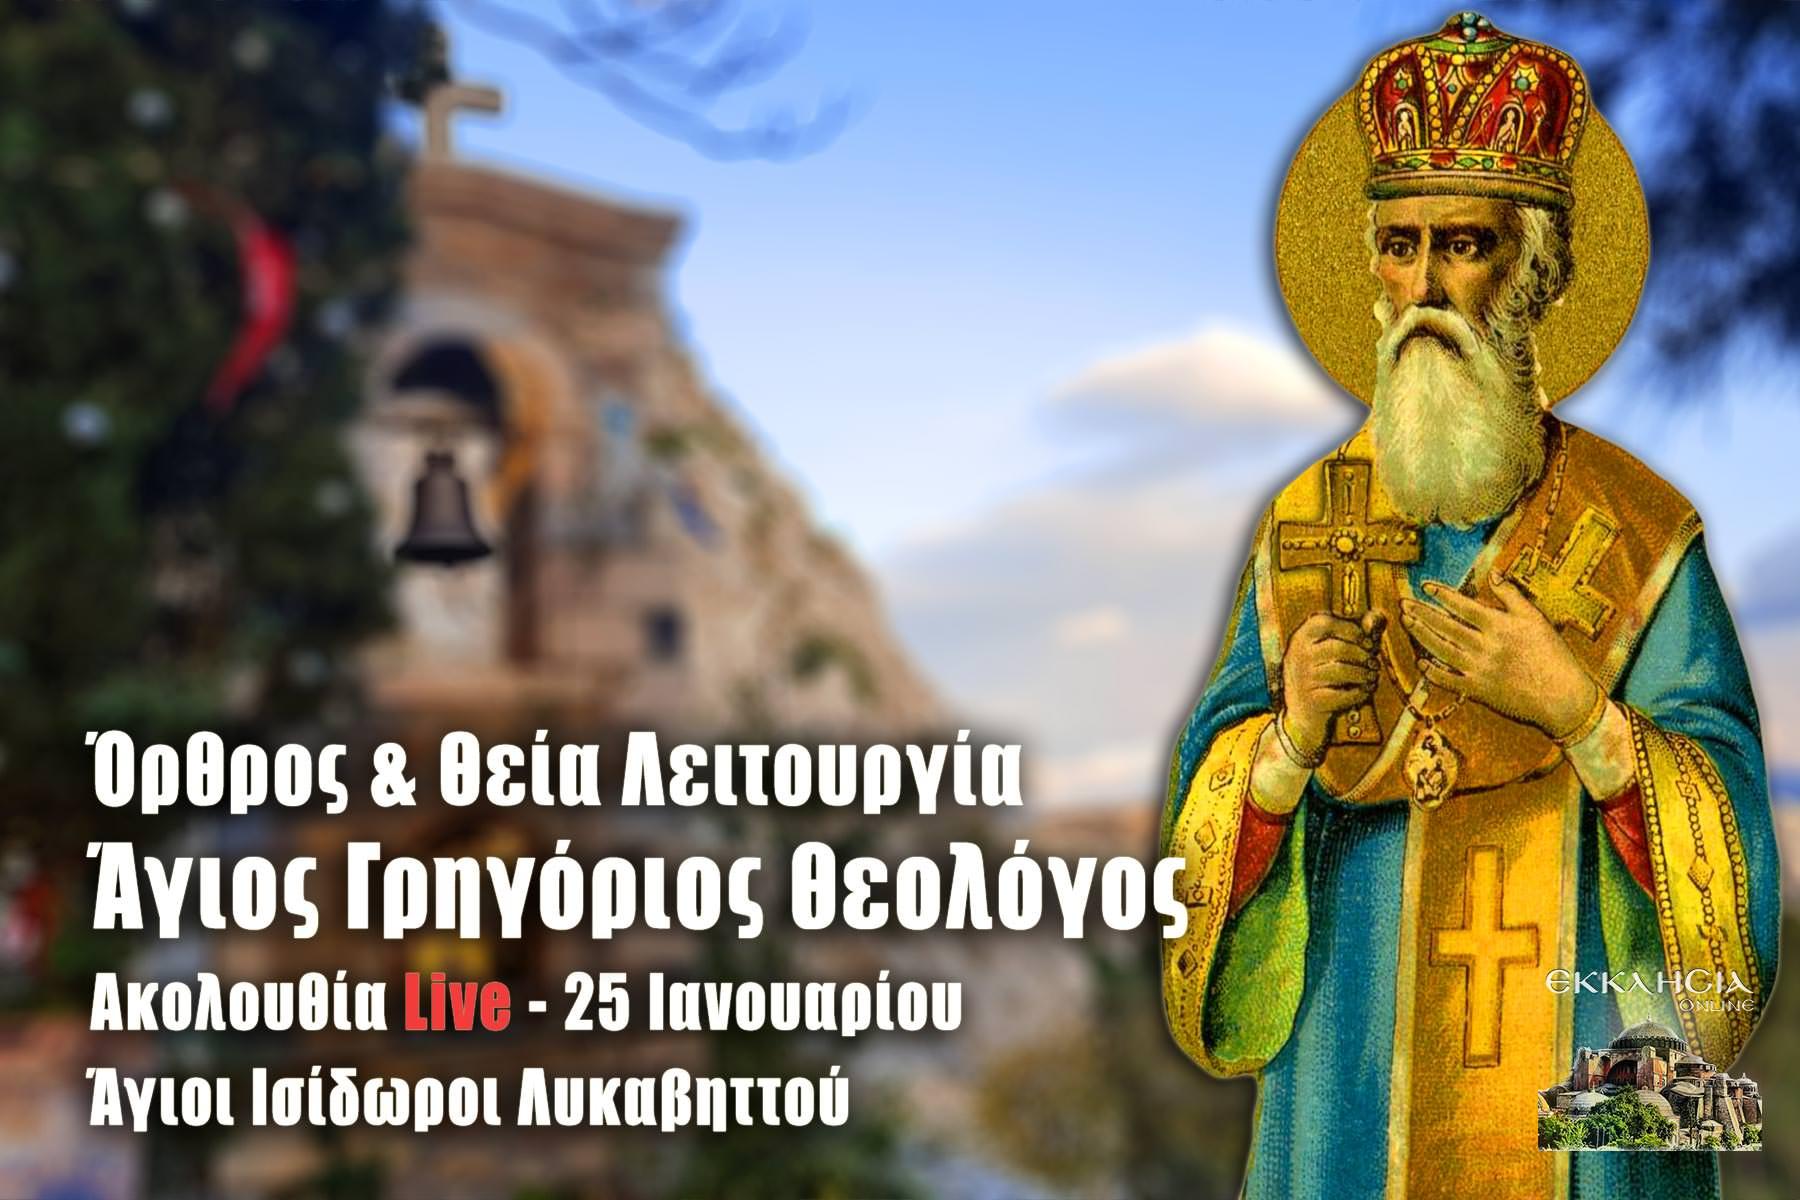 Άγιος Γρηγόριος 25 Ιανουαρίου Θεία Λειτουργία